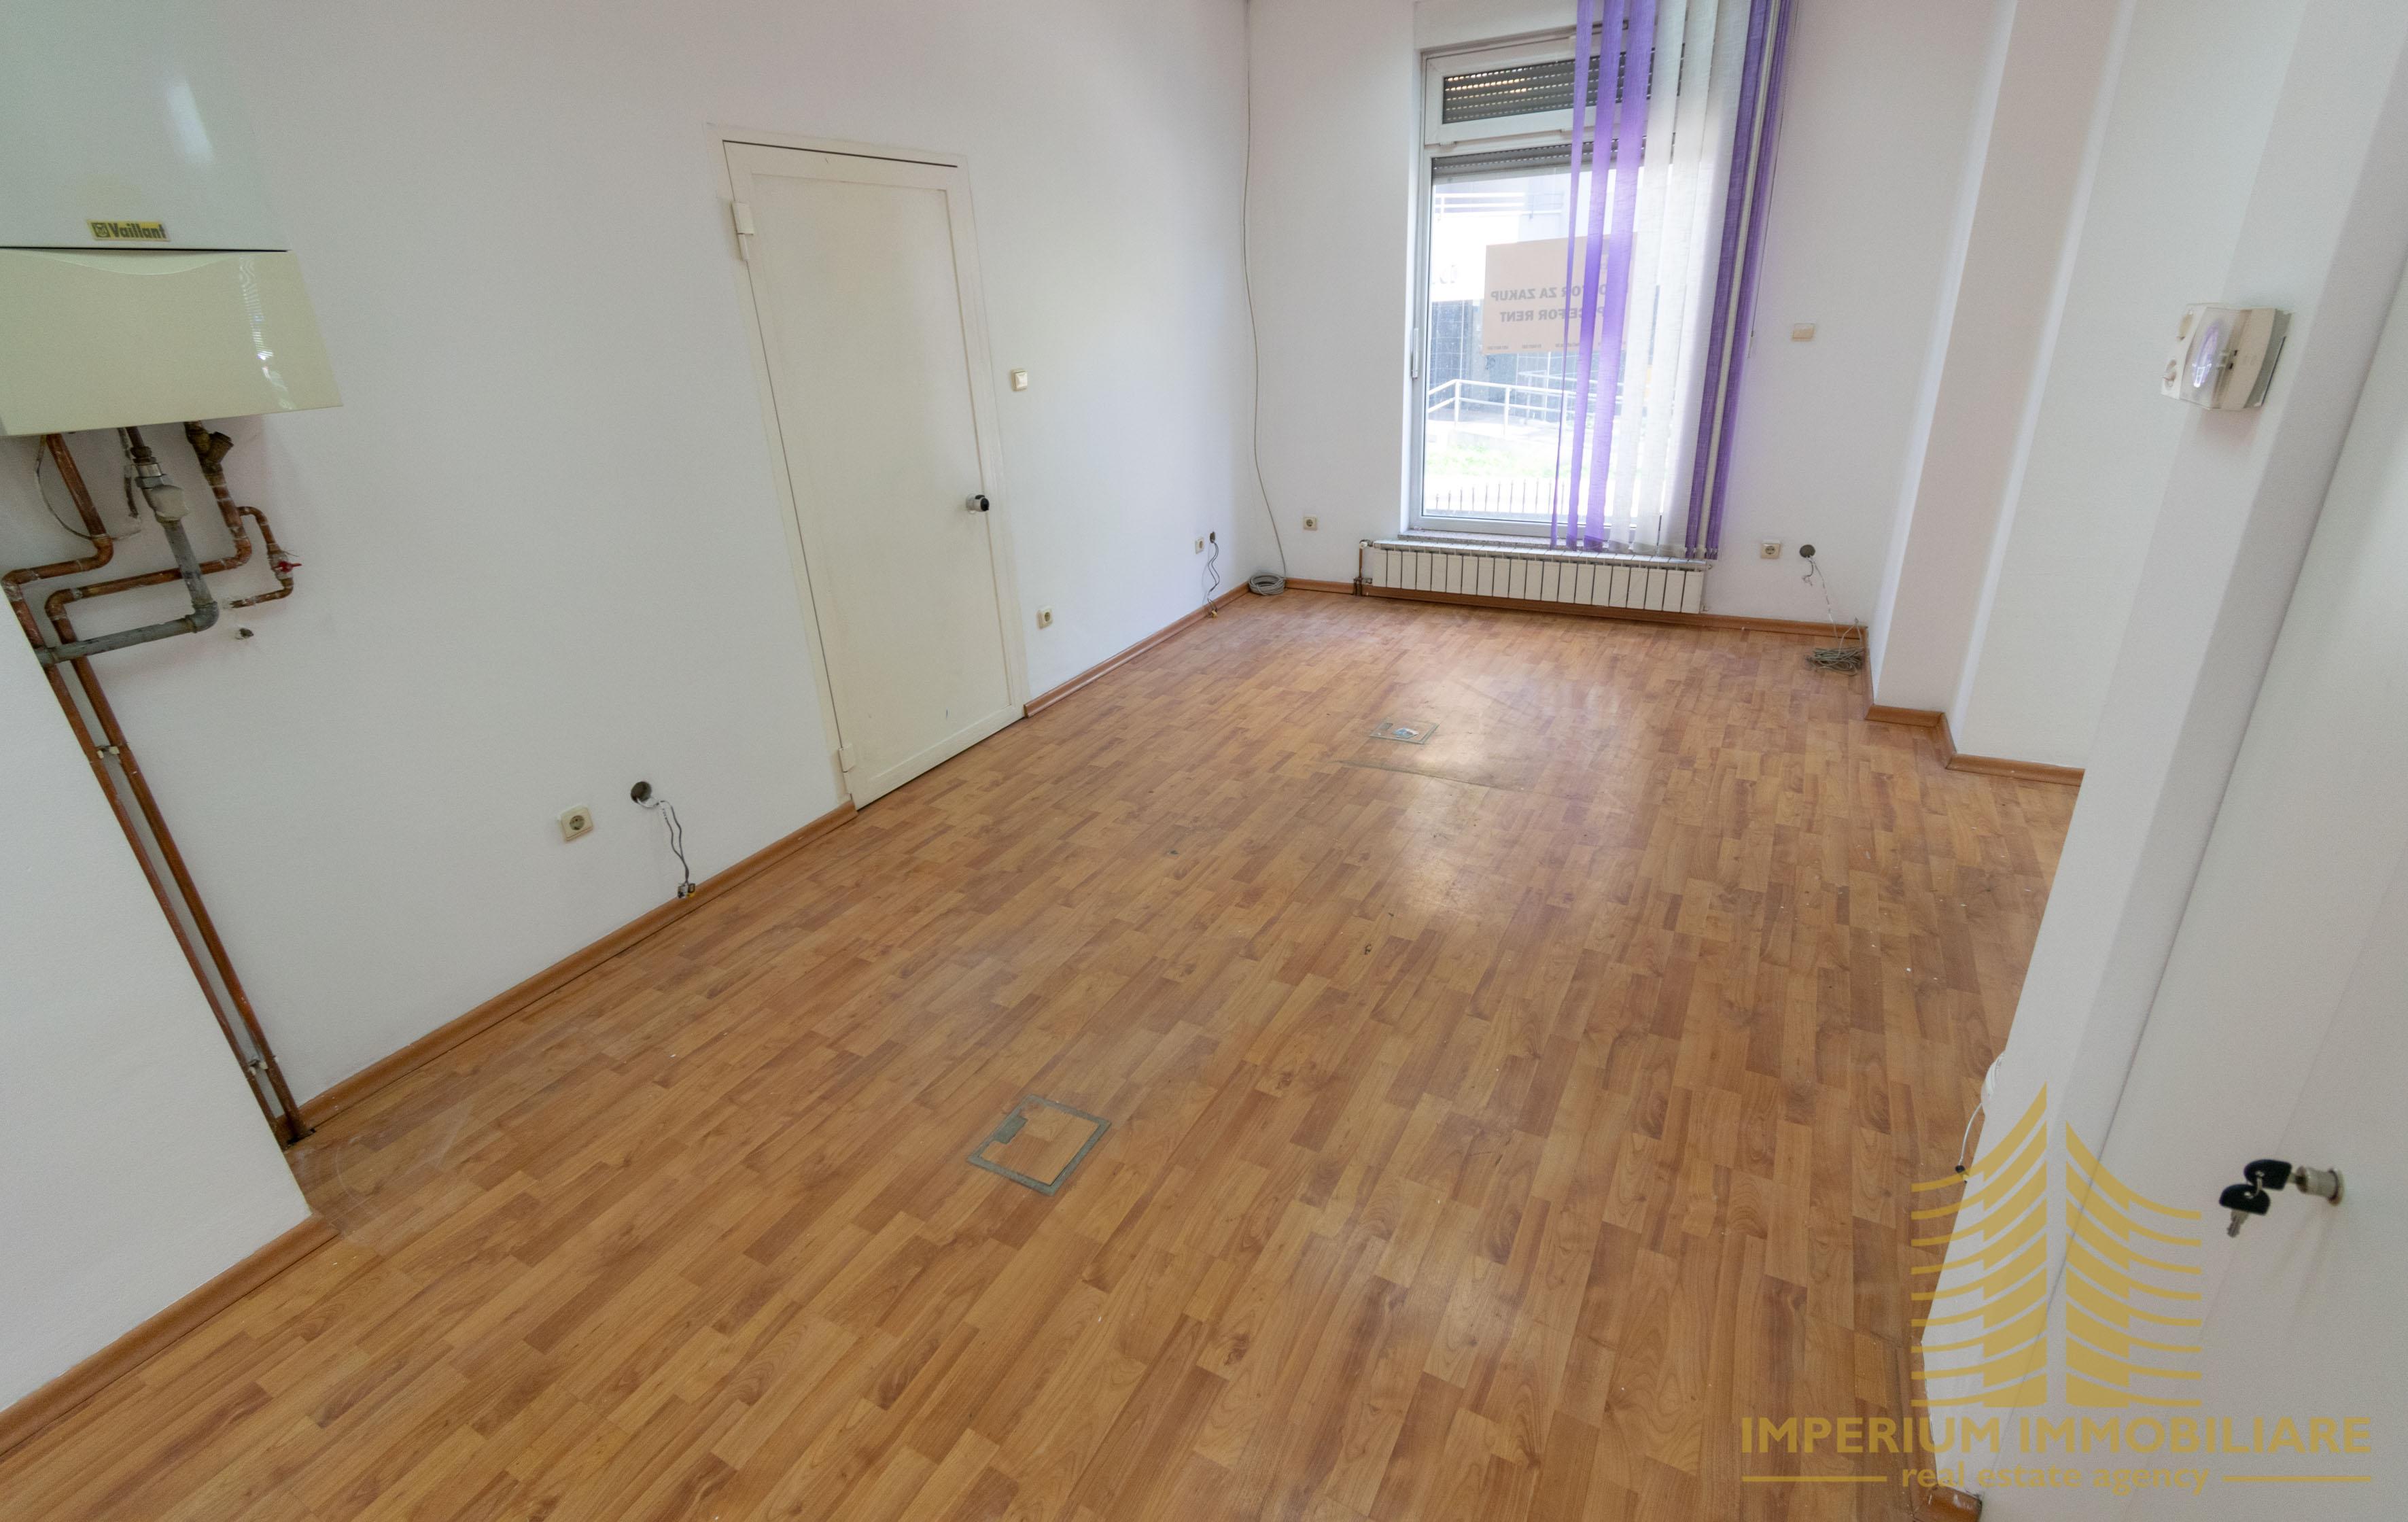 Poslovni prostor: Zagreb (Sigečica), uredski, 78 m2, PRILIKA (iznajmljivanje)